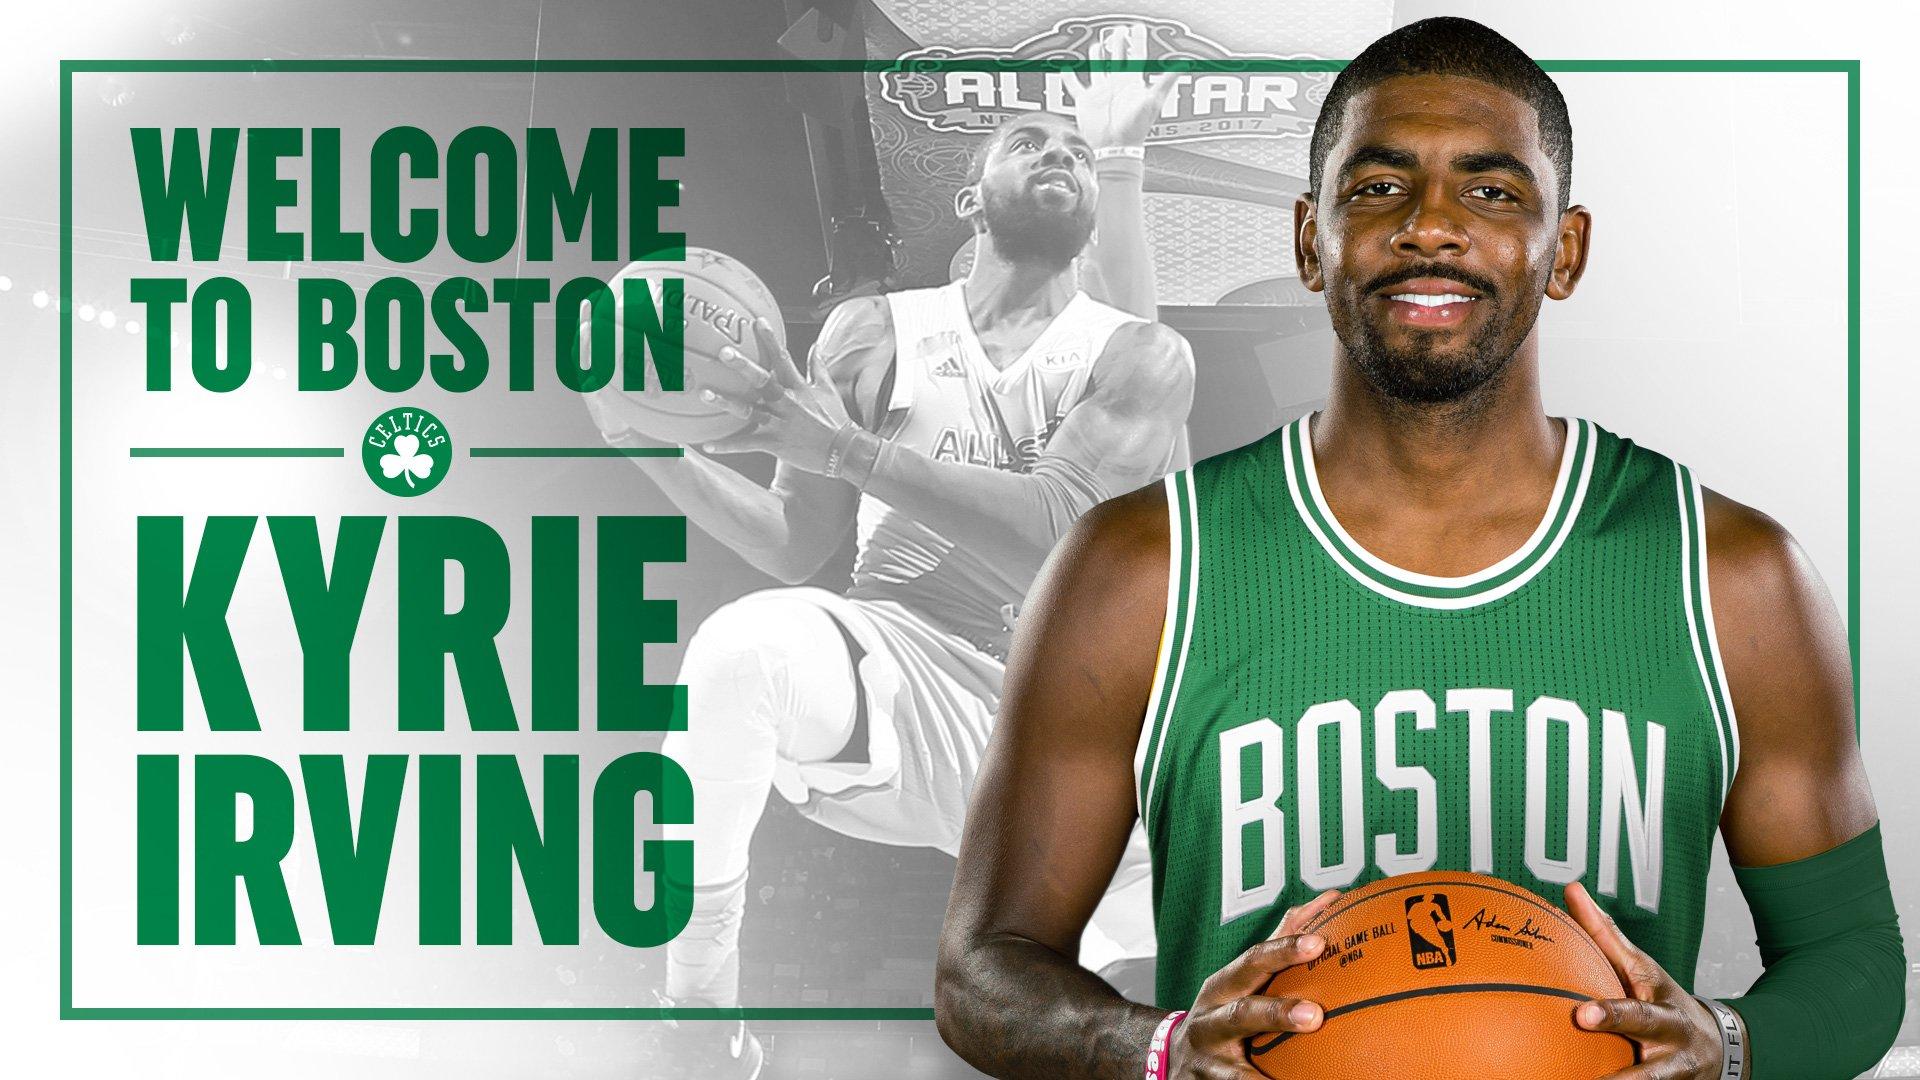 Se confirmó la bomba, Boston Celtics y Kyrie Irving unen sus caminos.